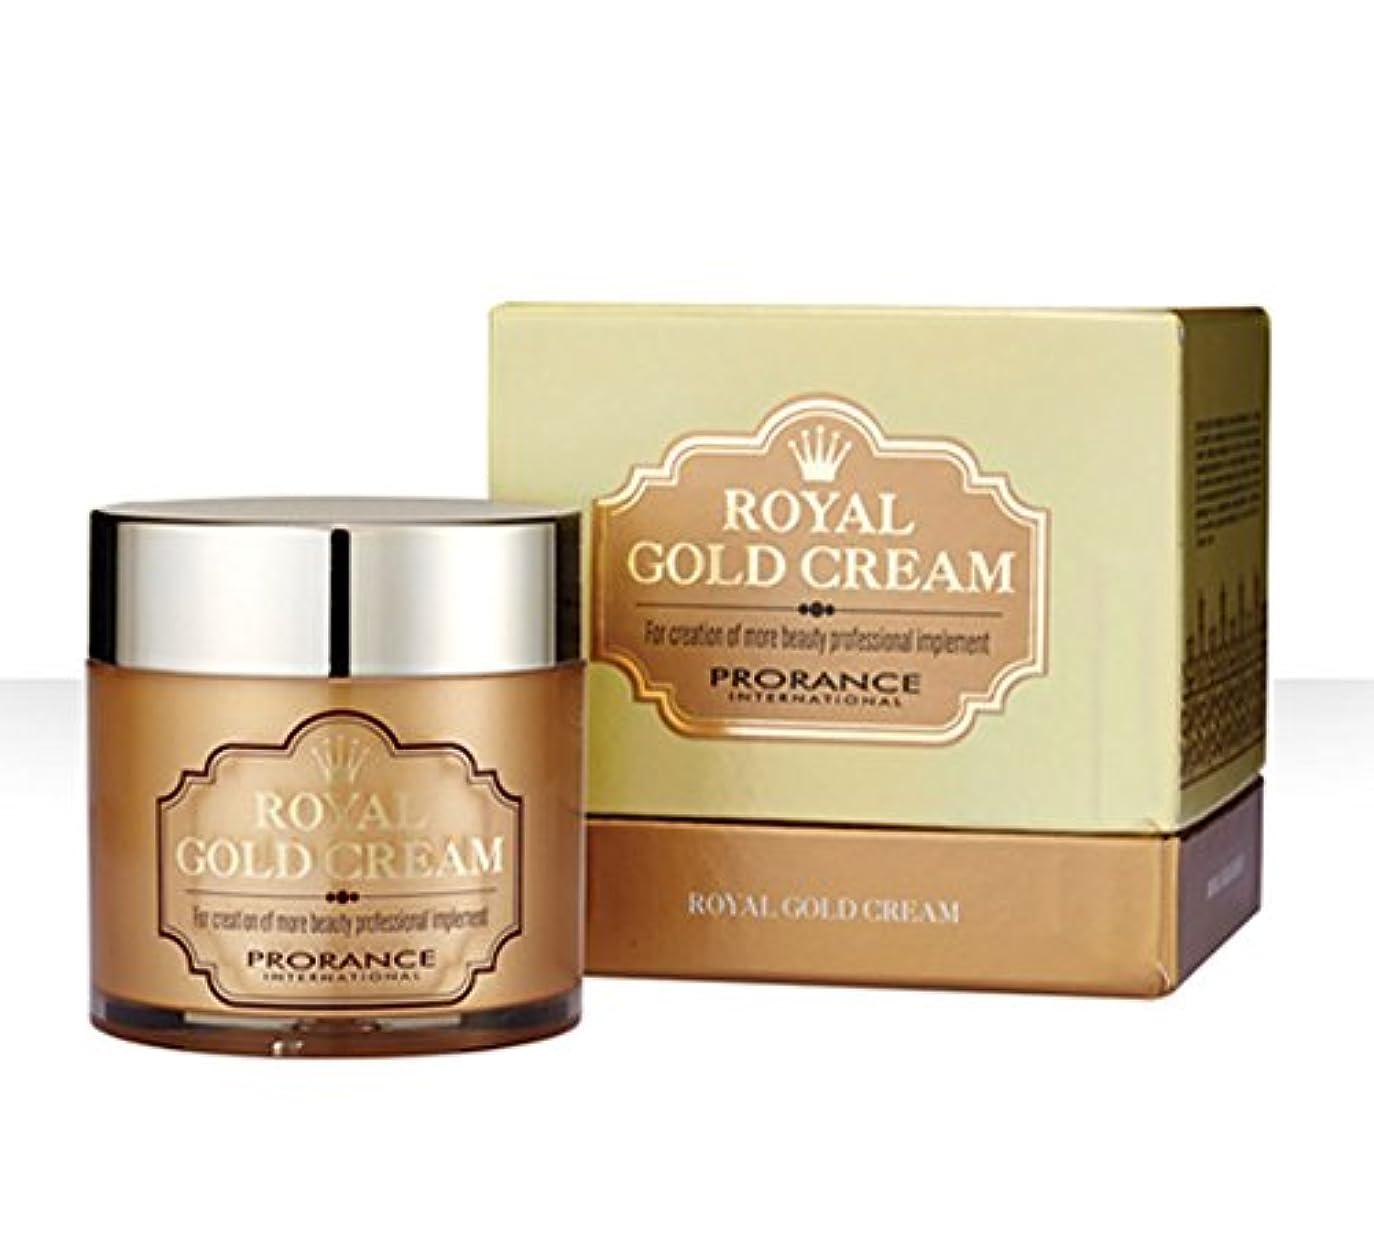 家庭太陽群れ[PRORANCE] ロイヤルゴールドクリーム70ml /保湿・美白/純金(純度99.9%)/韓国化粧品/ Royal Gold Cream 70ml/moisturizing,whitening/pure gold(99.9% purity)/Korean Cosmetics [並行輸入品]